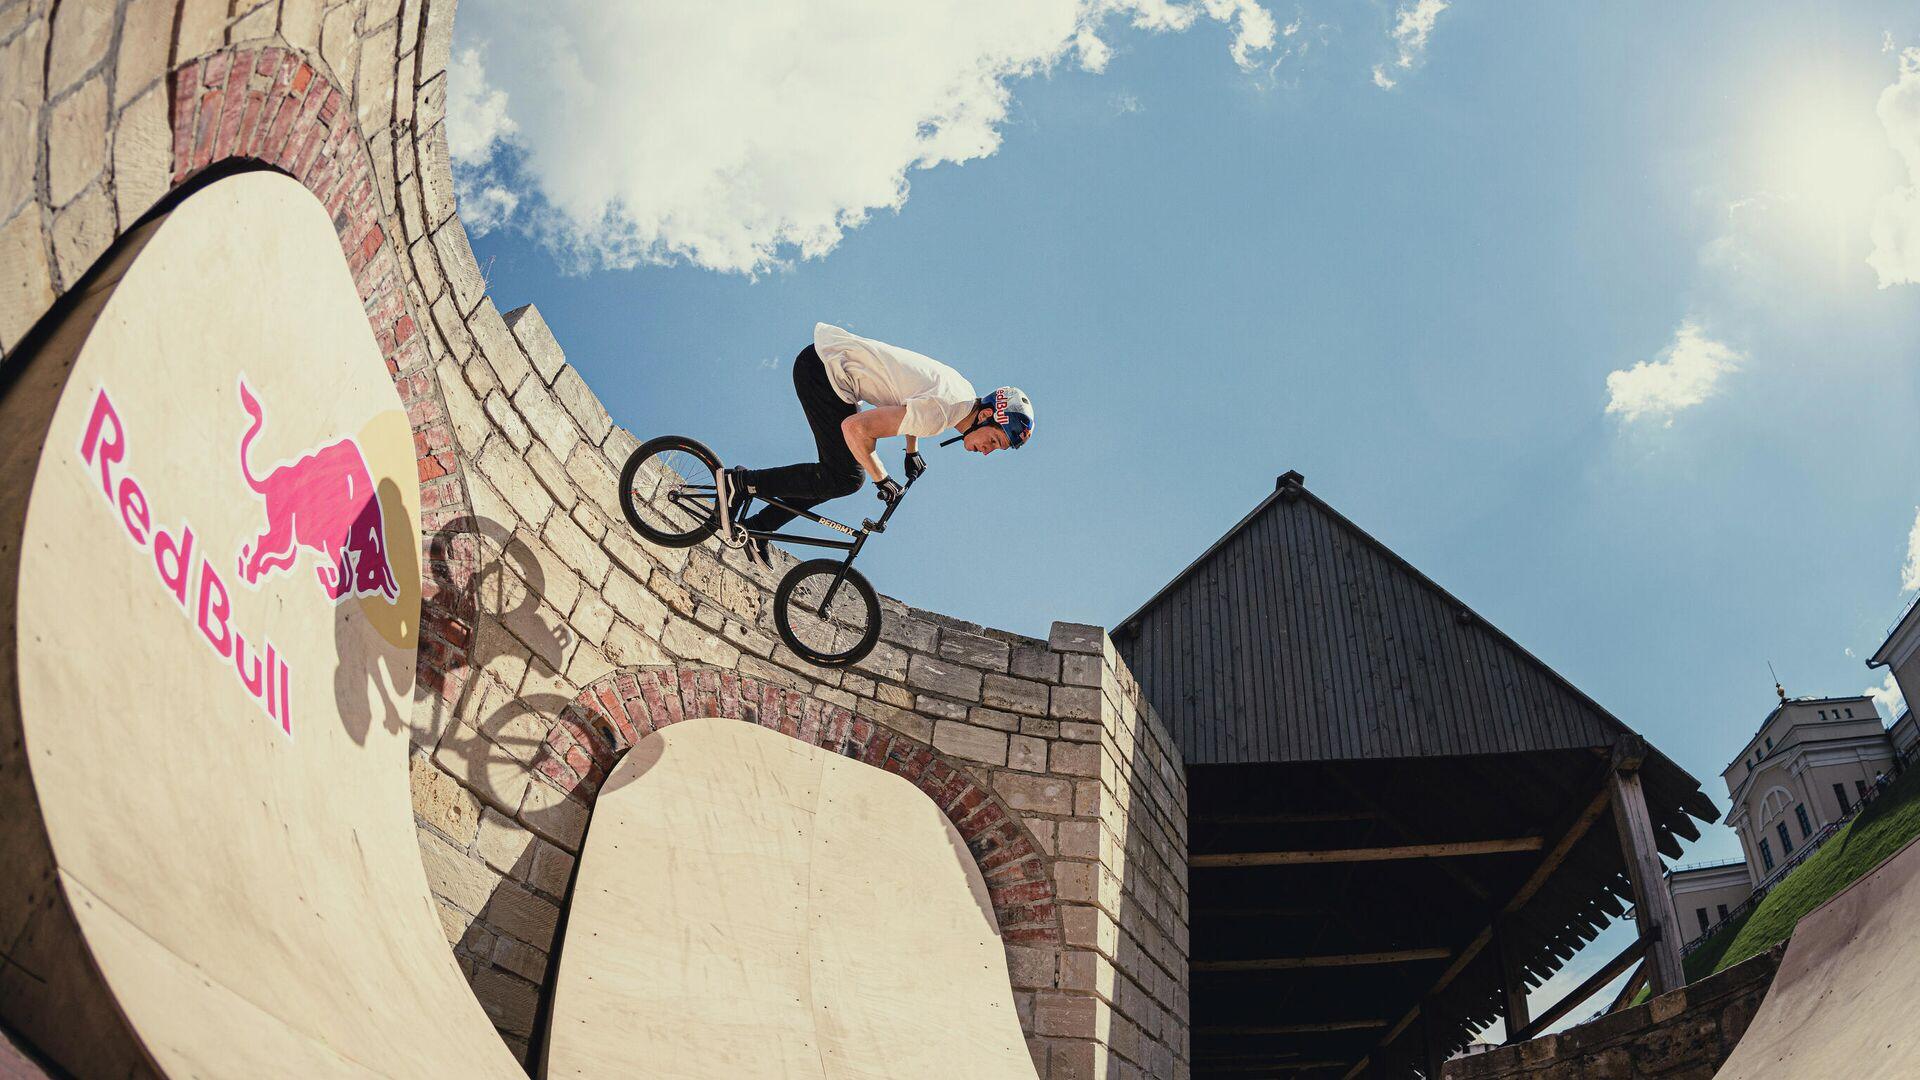 Ирек Ризаев в скейт-парке в Казанском кремле - РИА Новости, 1920, 23.02.2021